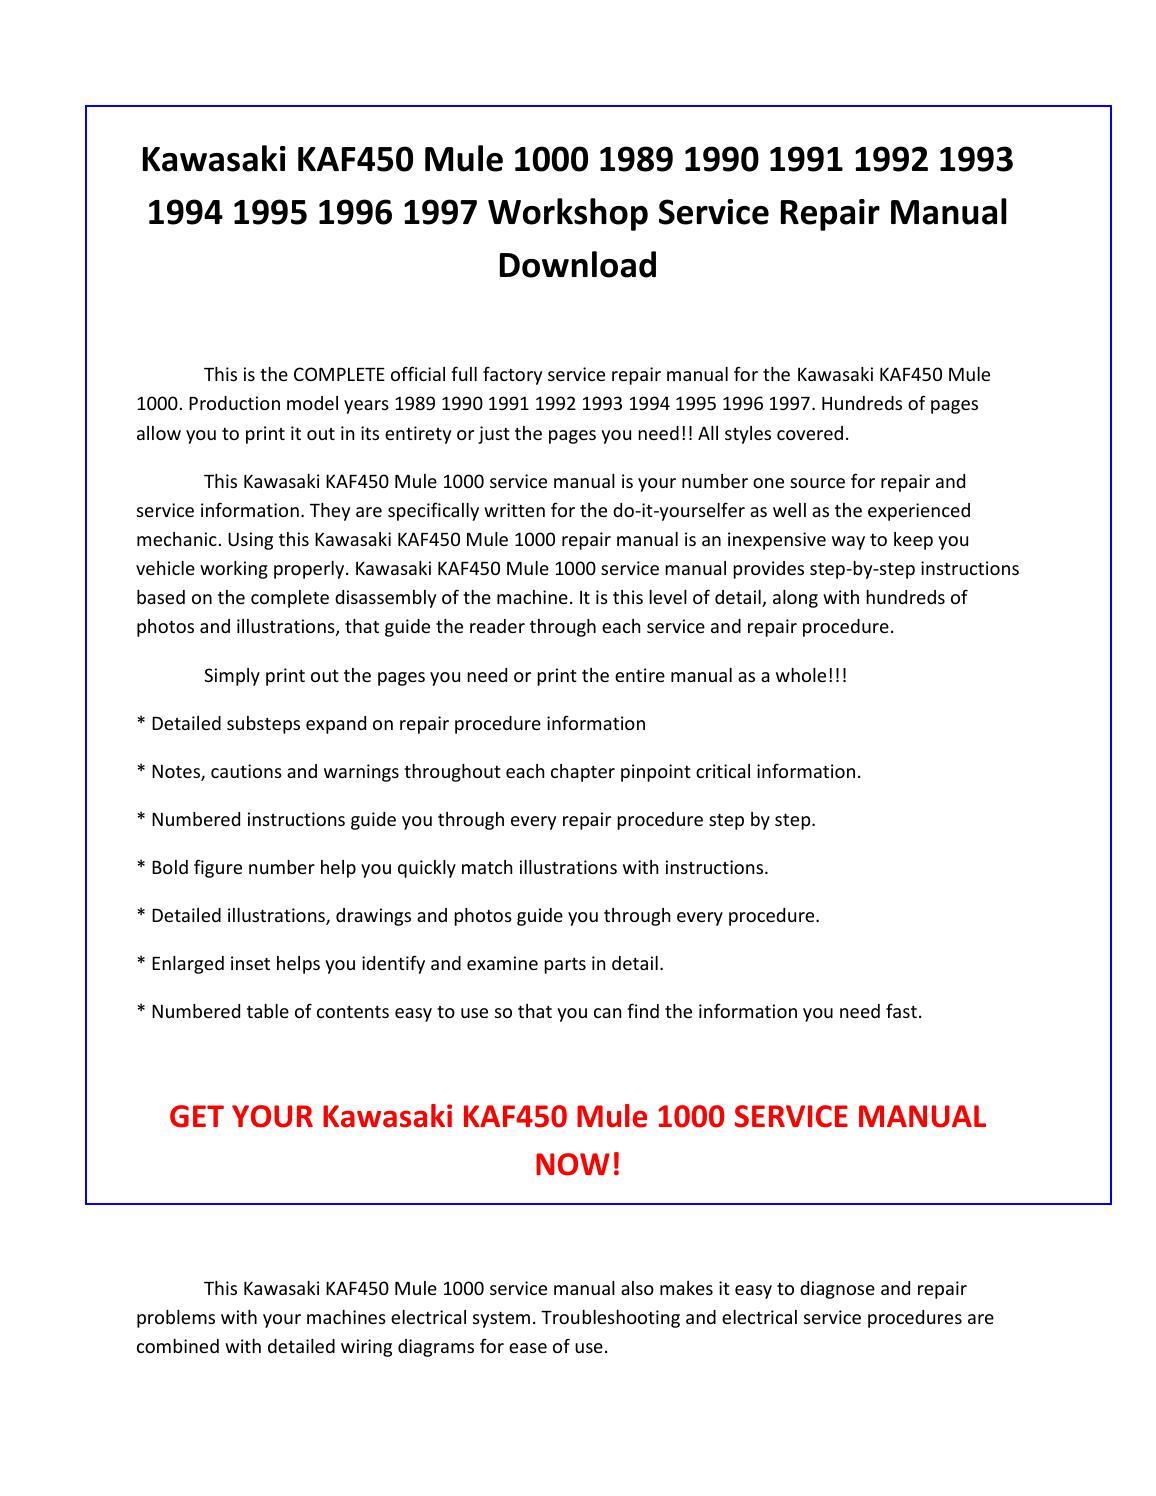 1990 kawasaki Mule Manual Pdf